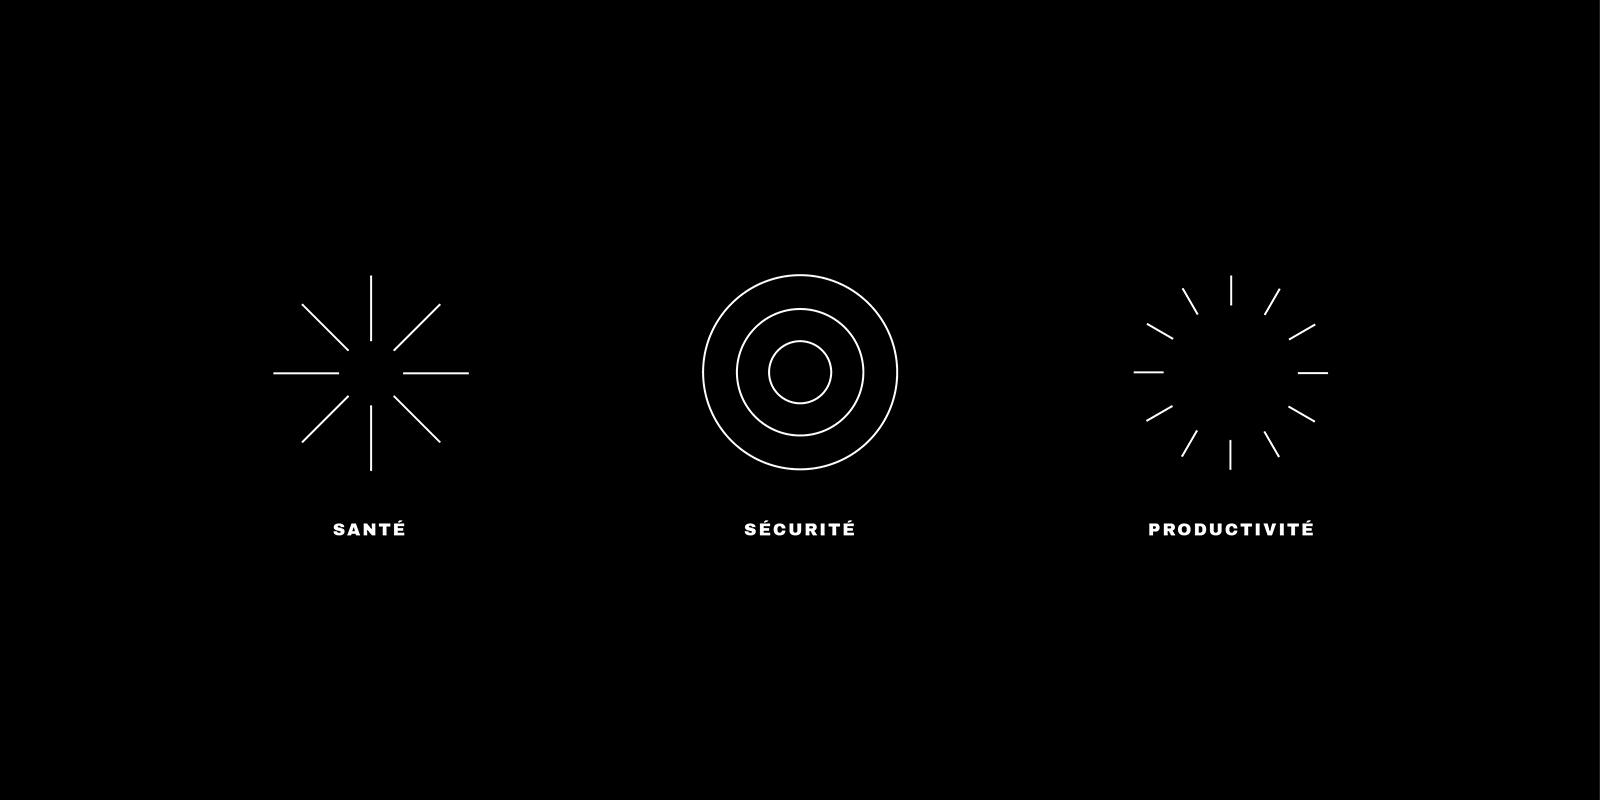 trois icones